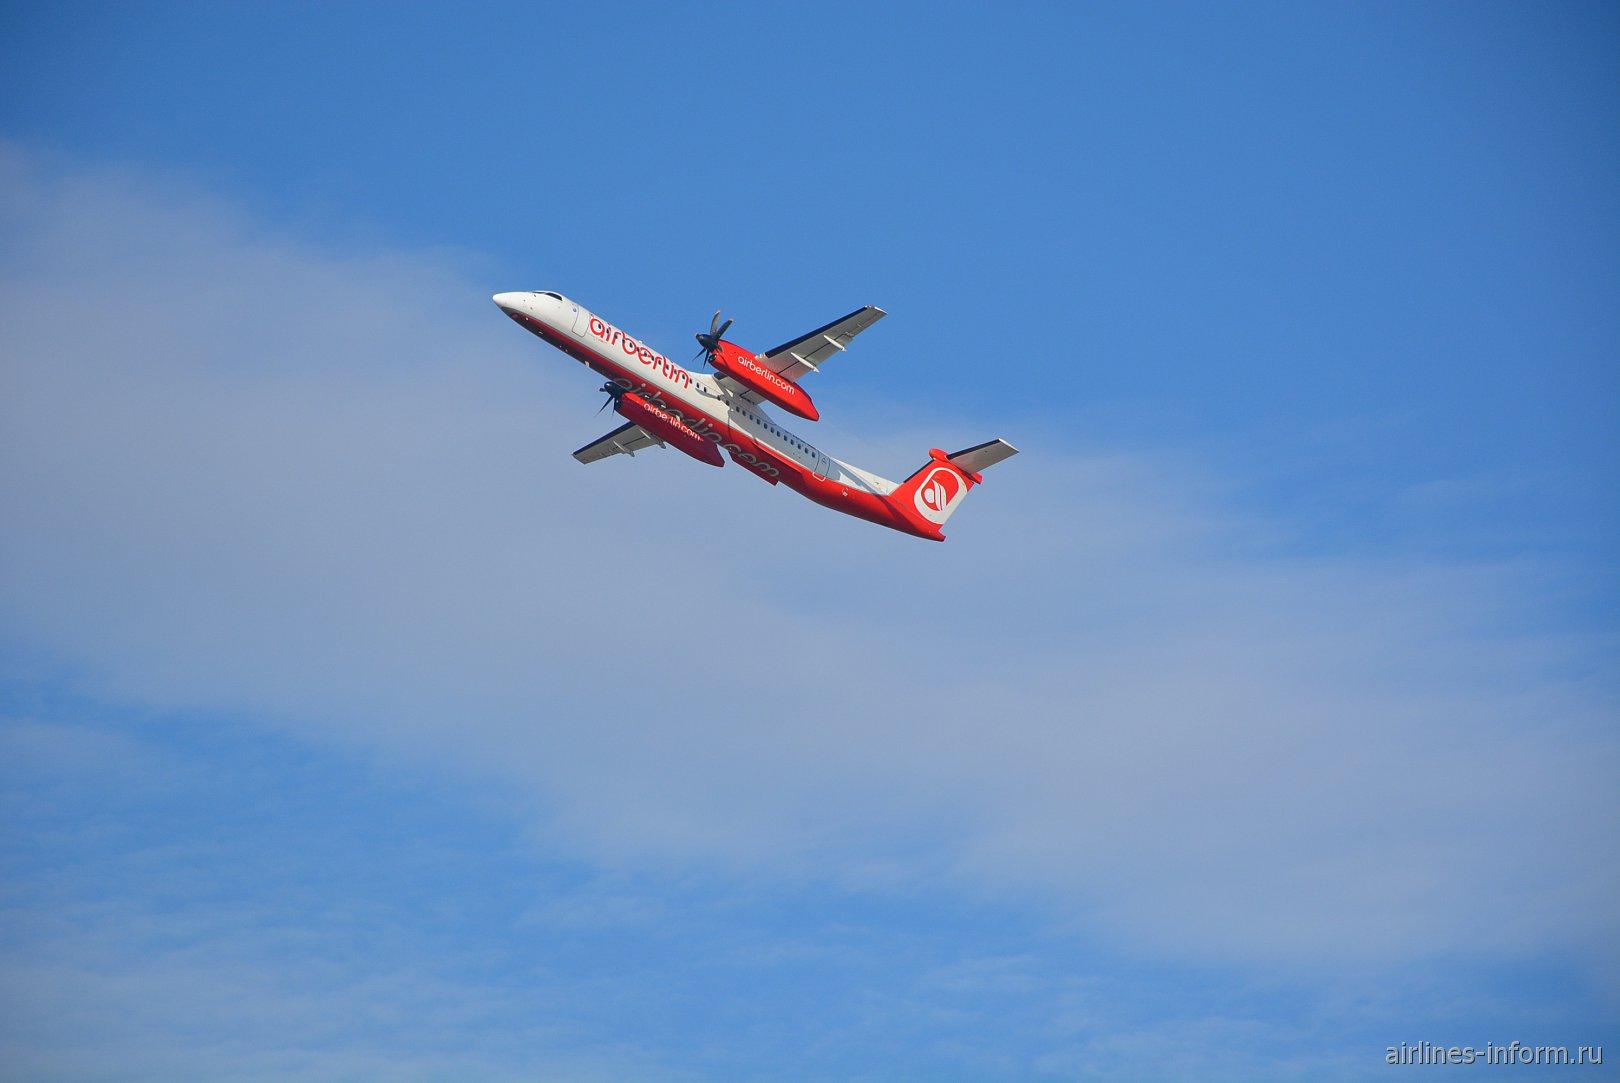 Взлет Bombardier Dash 8 Q400 из аэропорта Дюссельдорфа